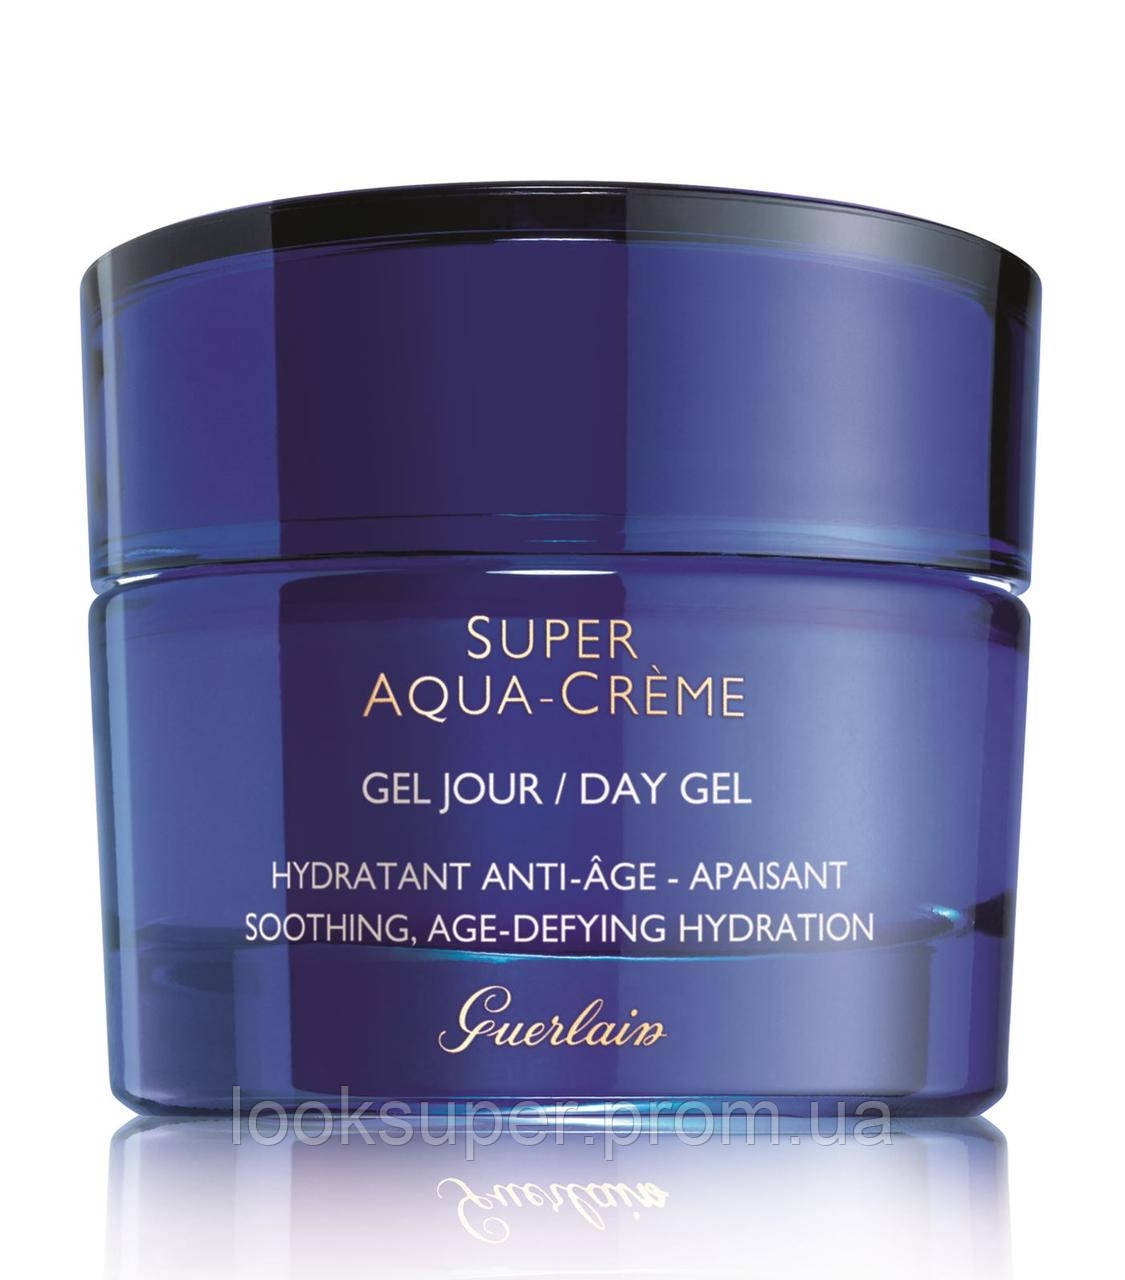 Дневной гель-крем для лица  Guerlain Super Aqua-Crème Day Gel